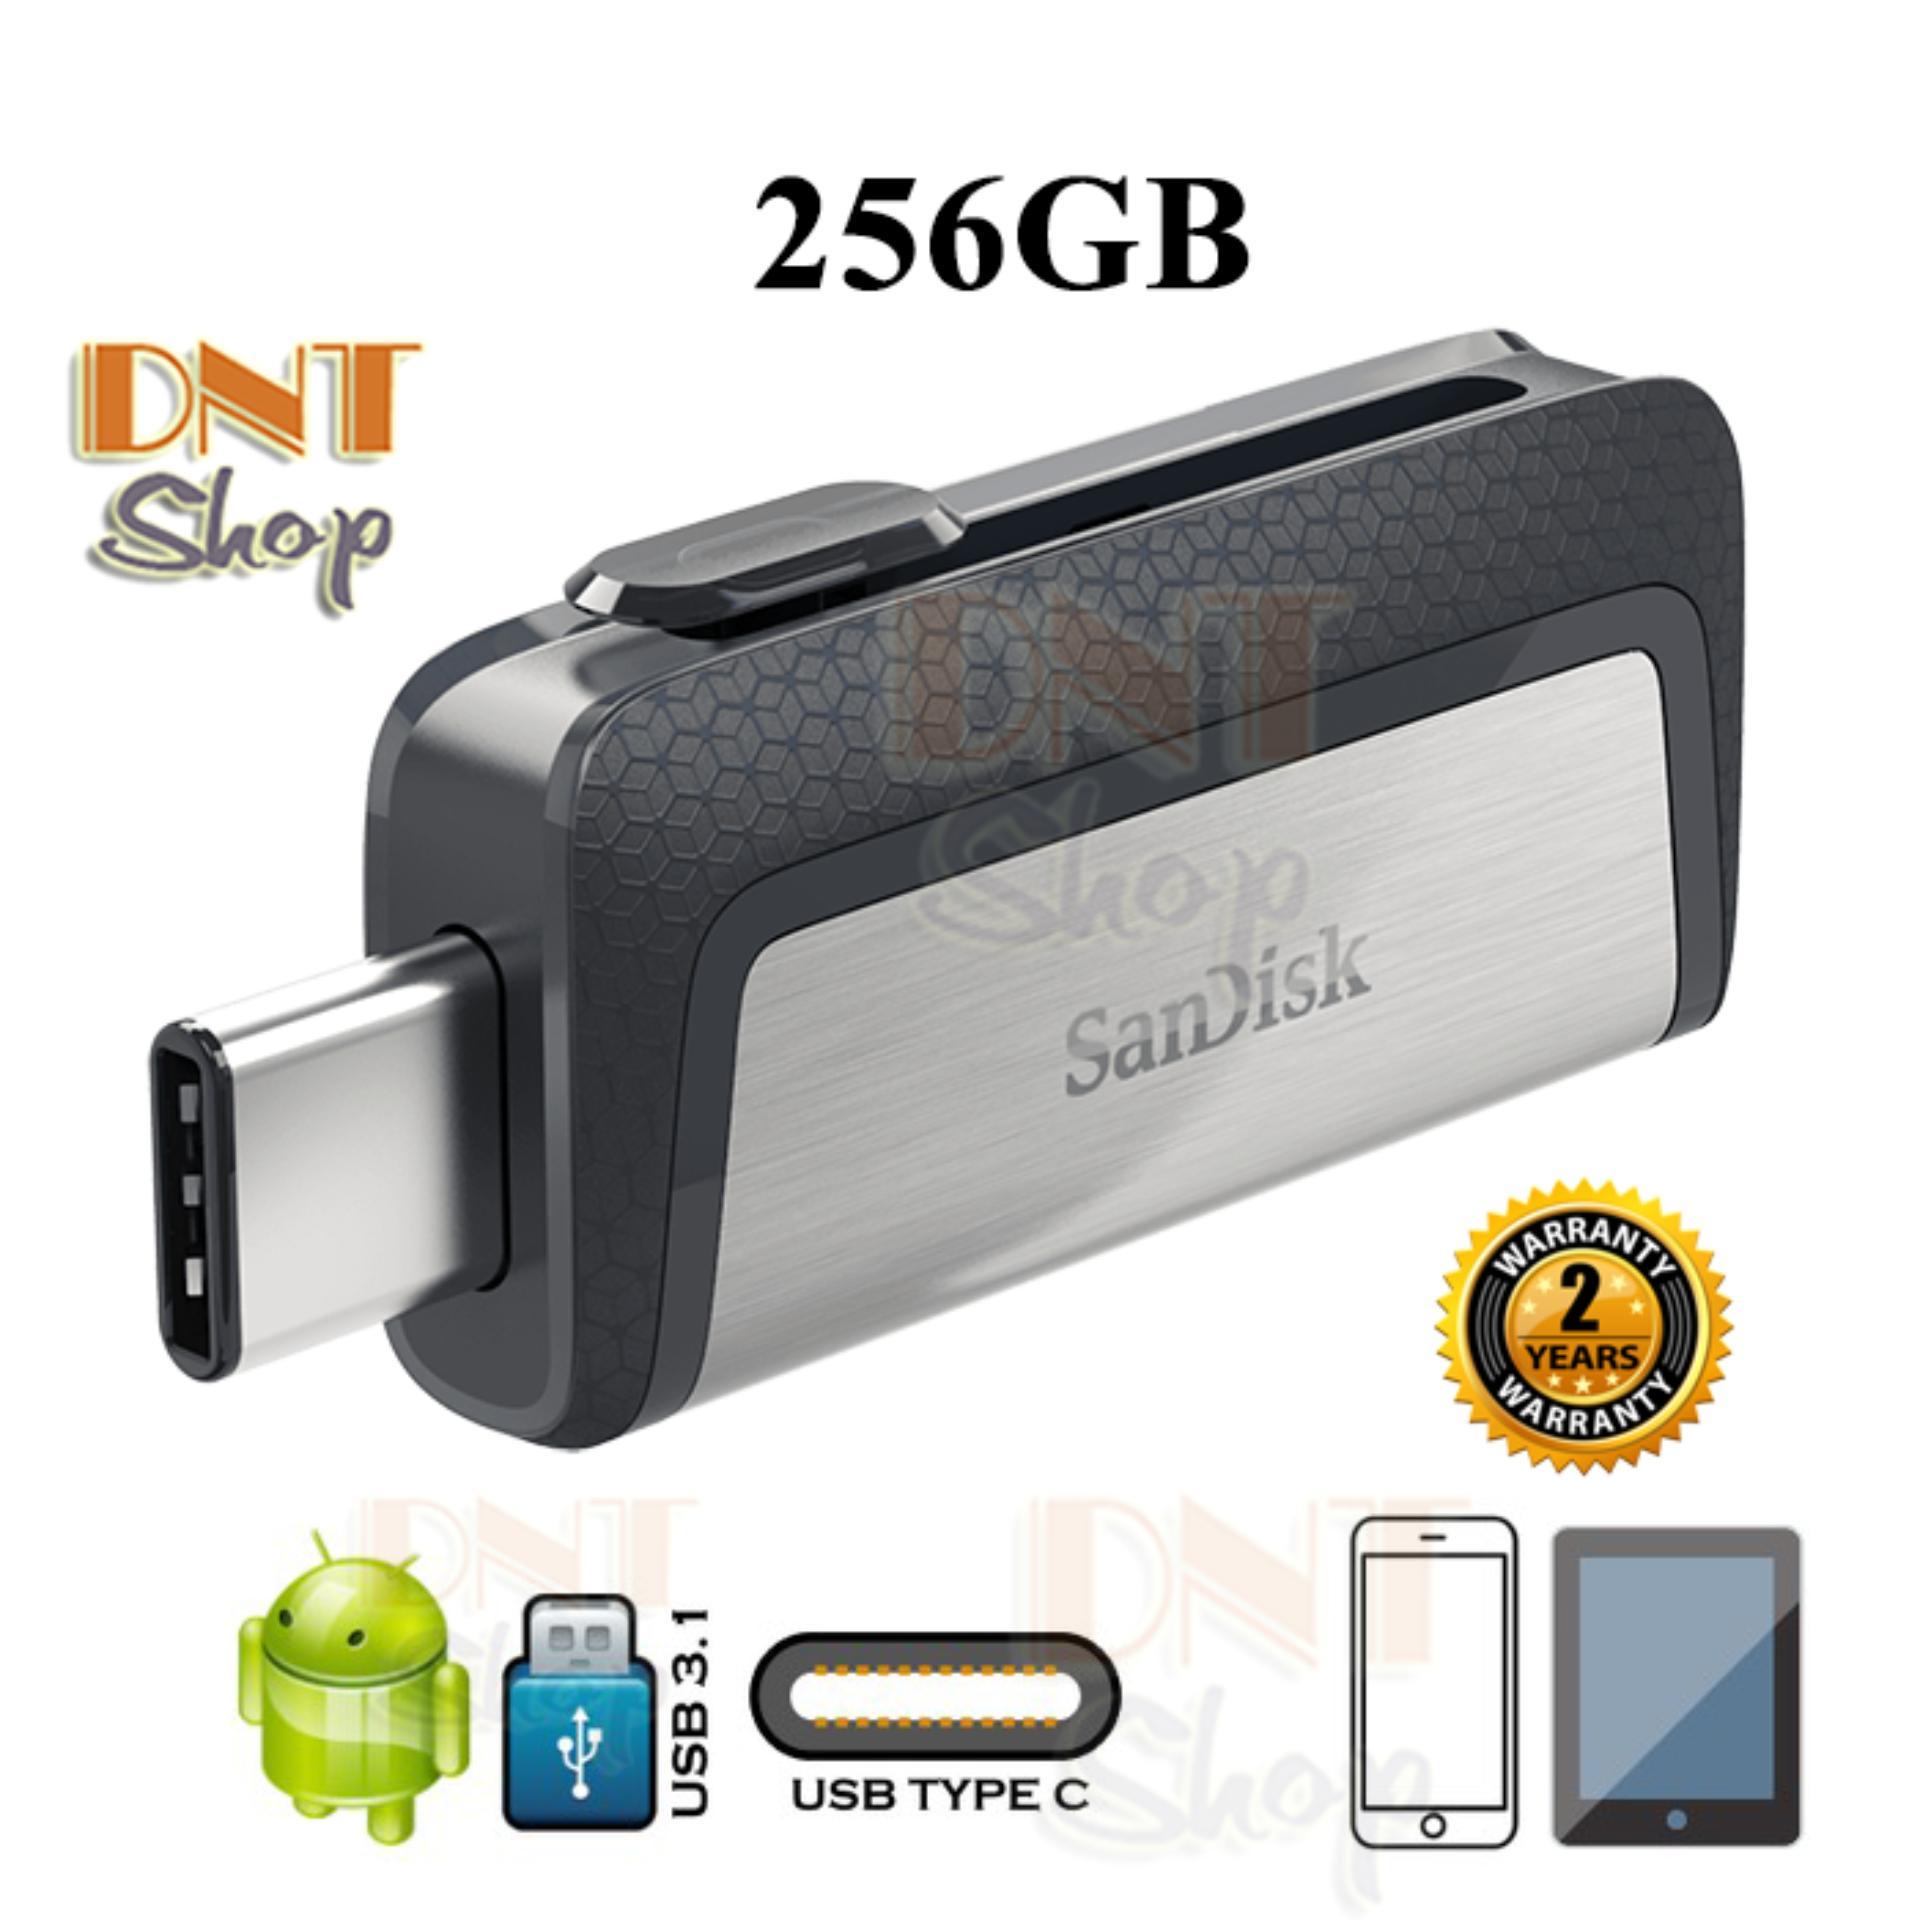 USB OTG SanDisk Ultra Dual Type-C 3.1 256GB 150MB/s (SDDDC2-256G-A46) Giá Siêu Cạnh Tranh